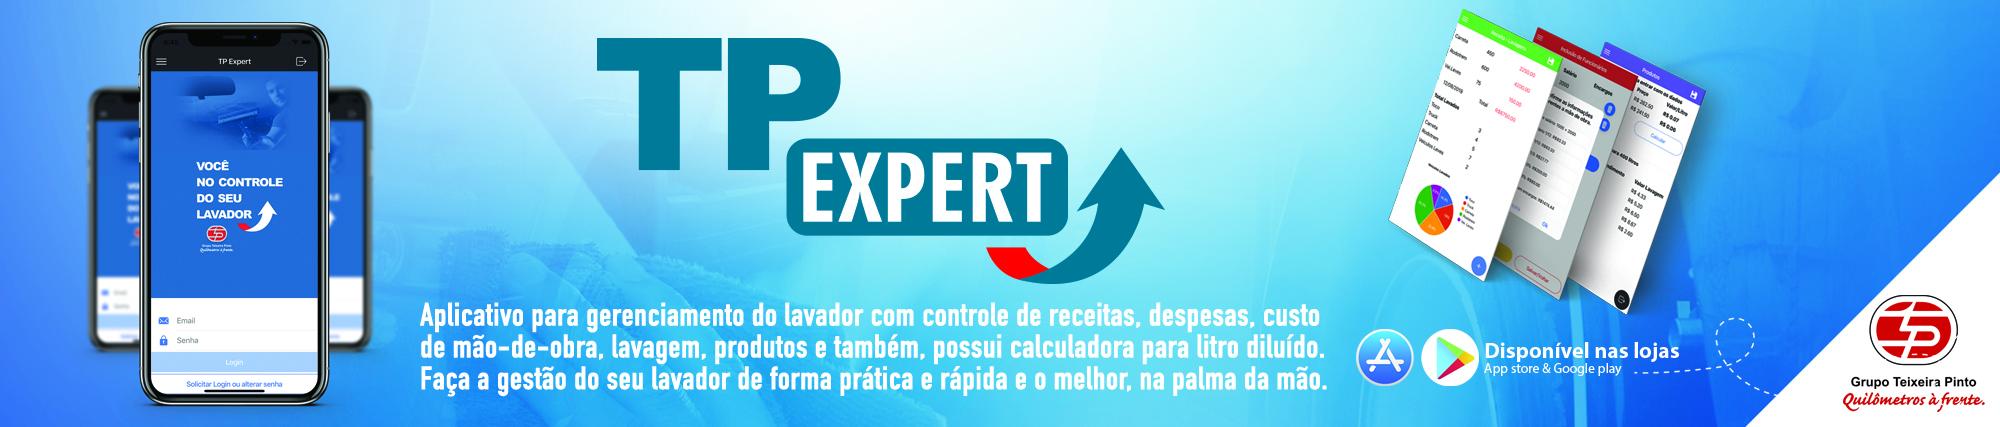 TP EXPERT